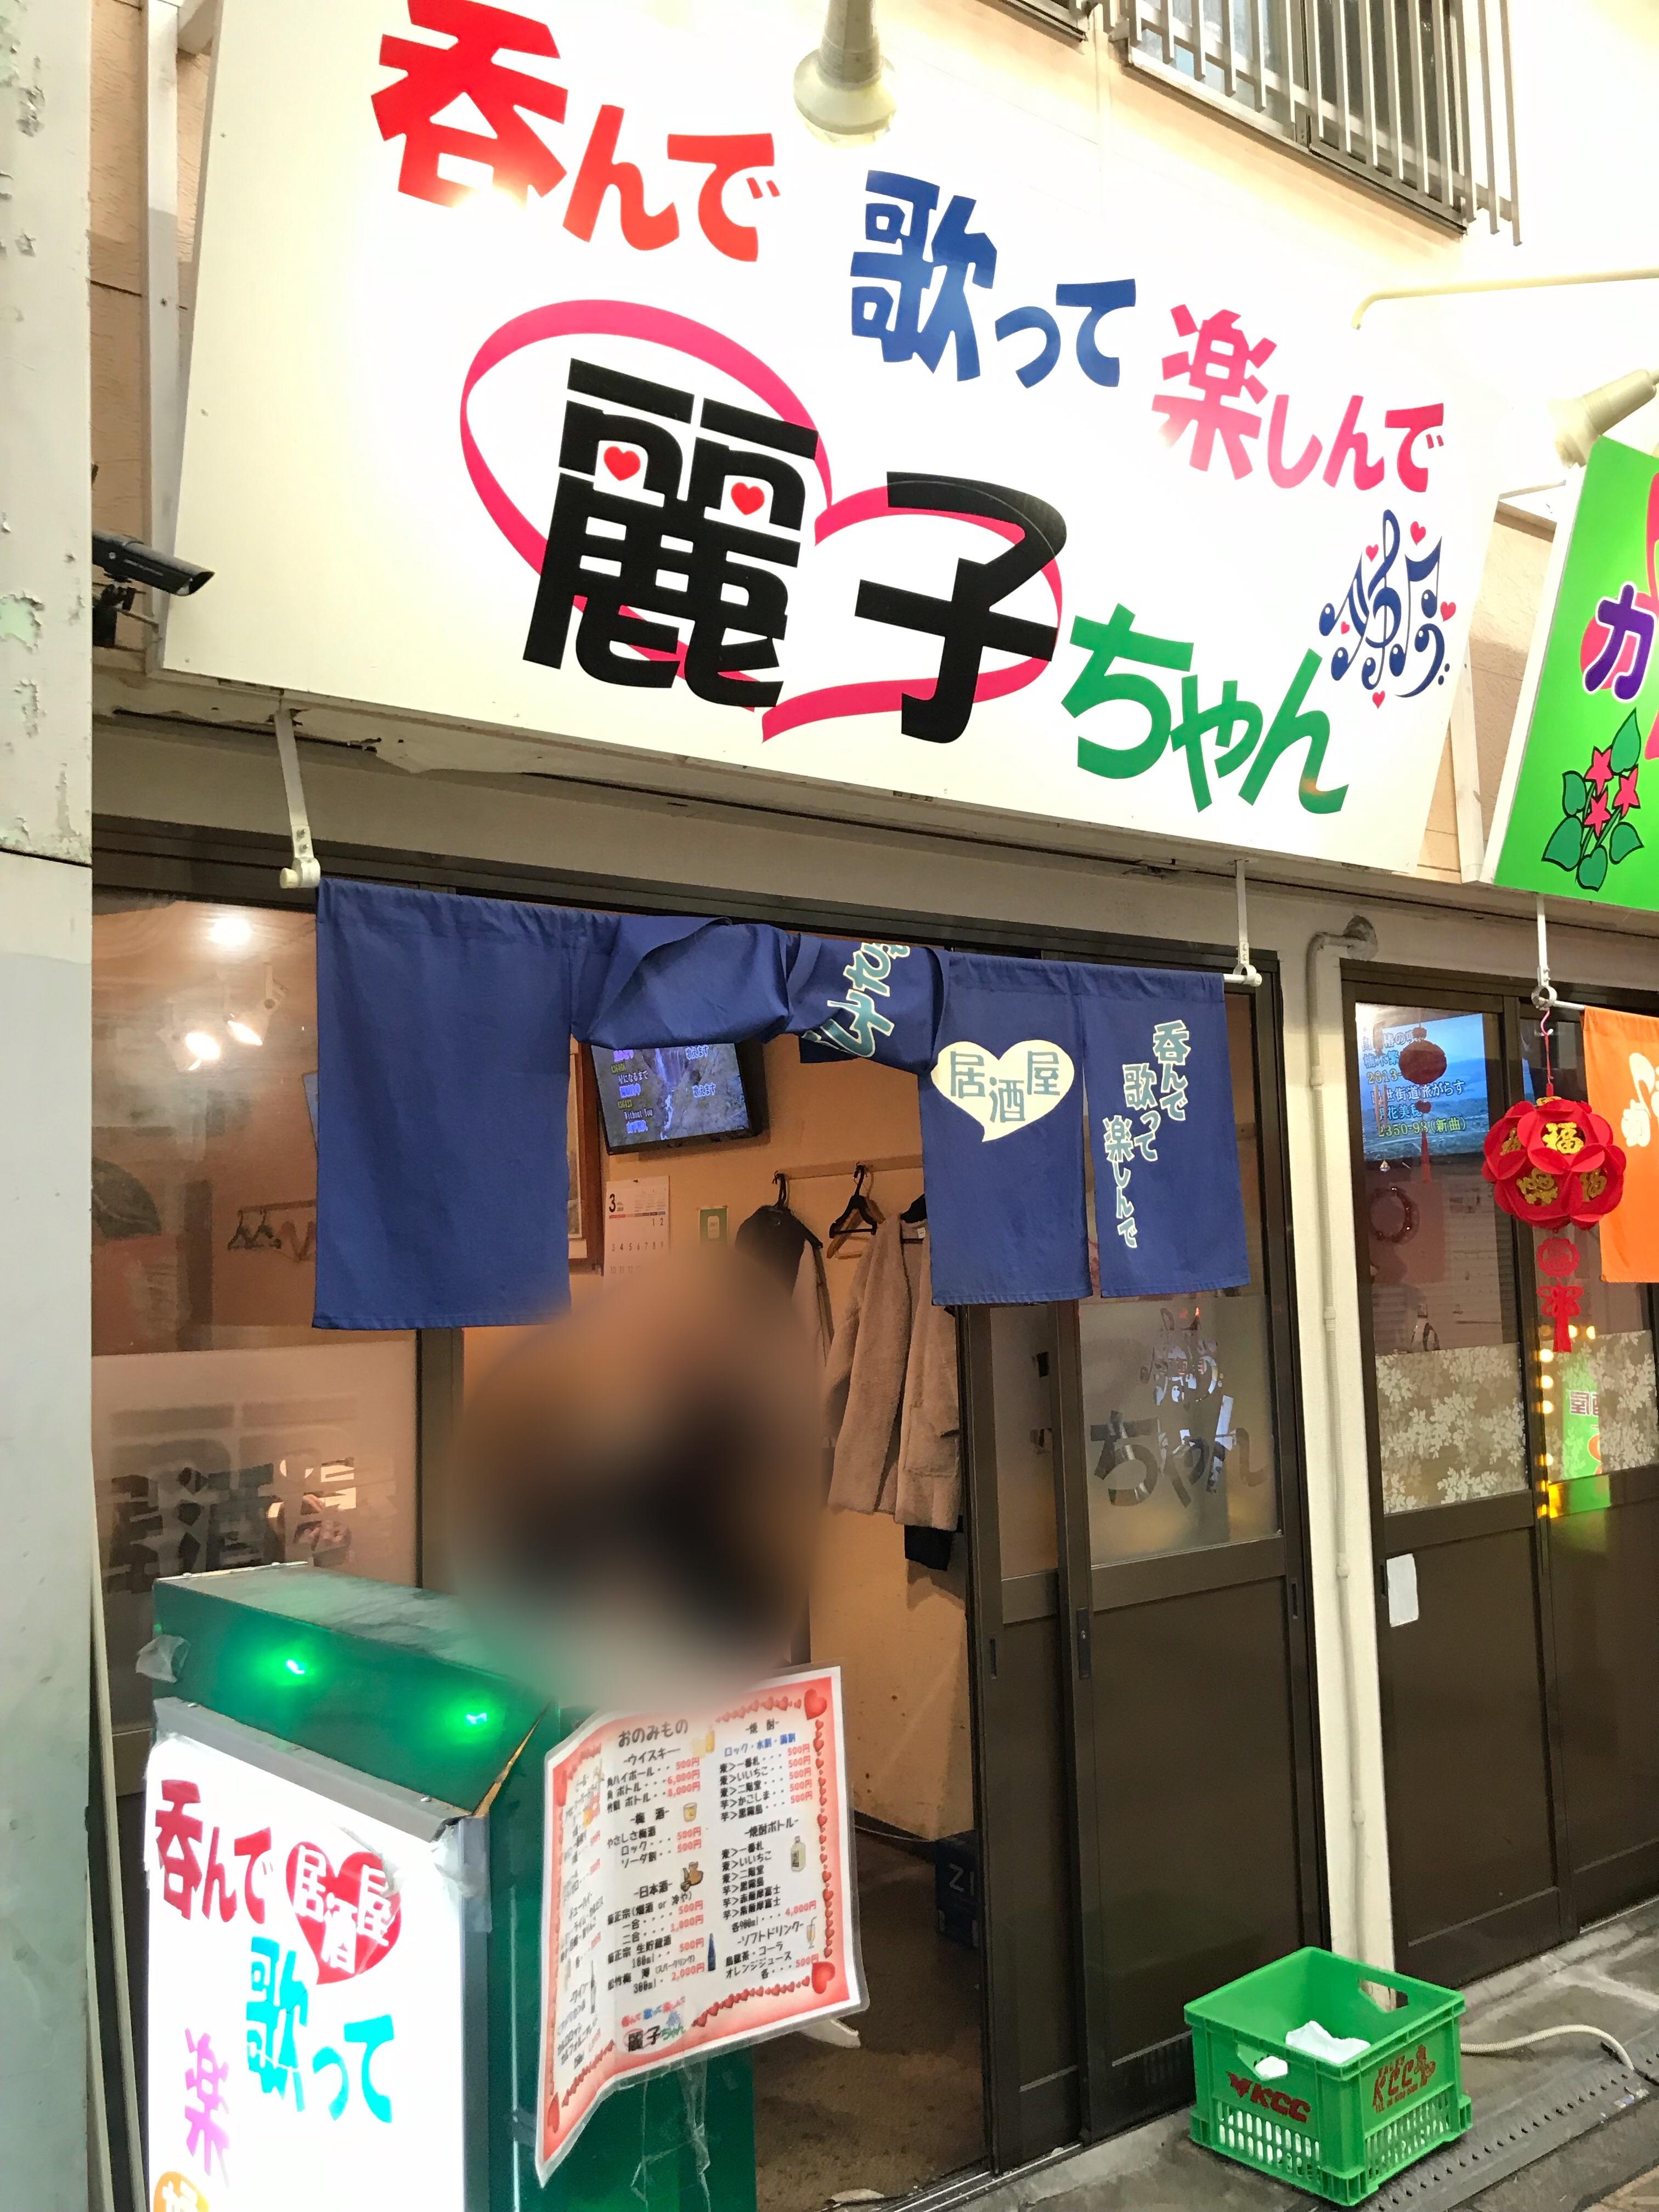 バー 大阪 ぼったくり 安保瑠輝也のぼったくりバー企画はやらせ?何故、そう言われているのか?おかしいところを説明!